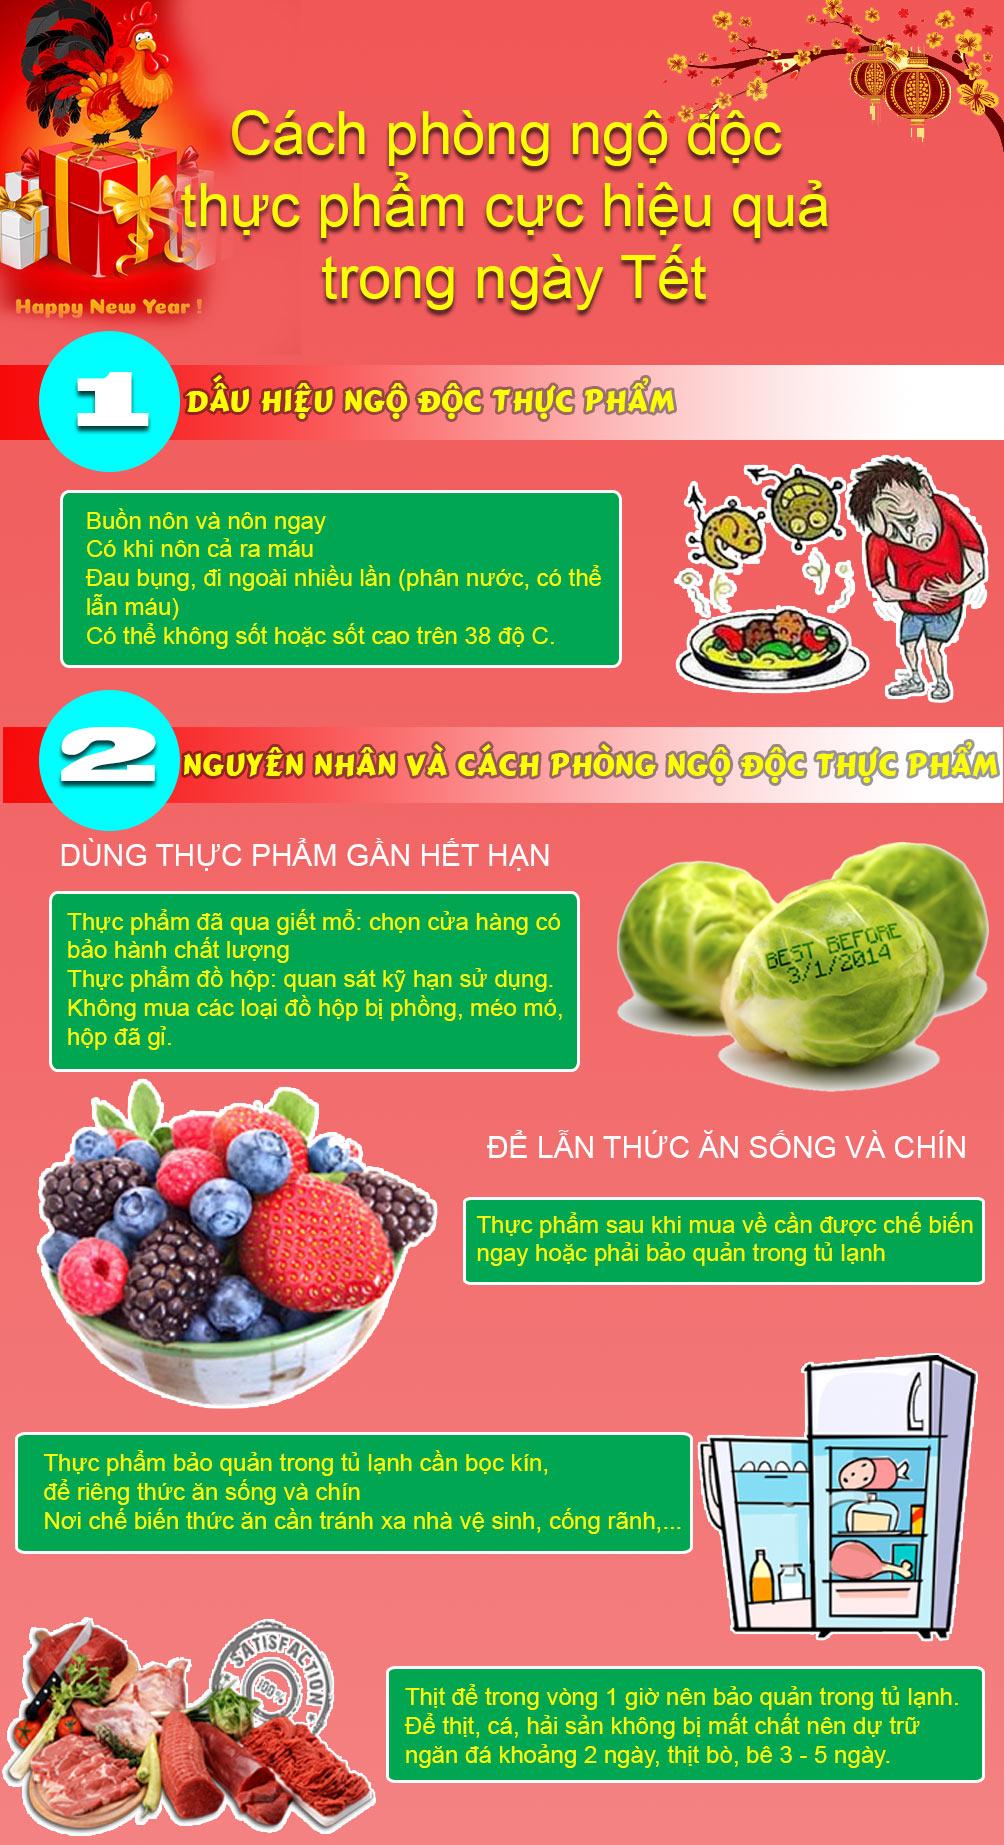 Infographic: Cách phòng ngộ độc thực phẩm cực hiệu quả ngày Tết - 1